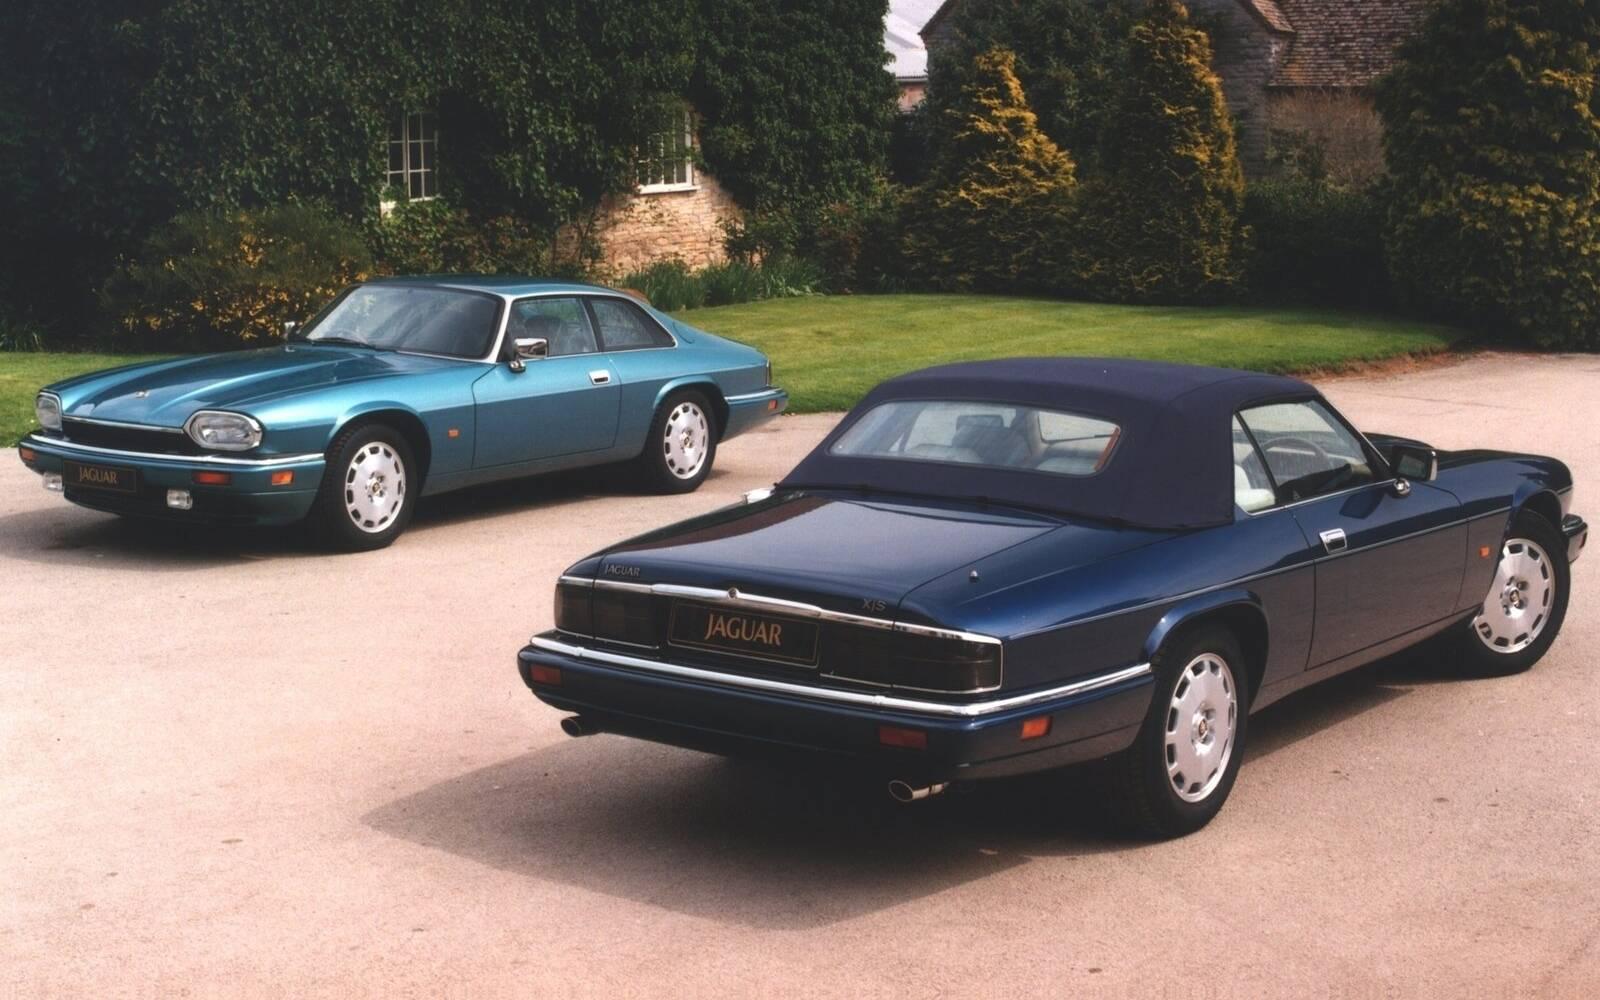 <p>Jaguar XJ-S 1996</p>